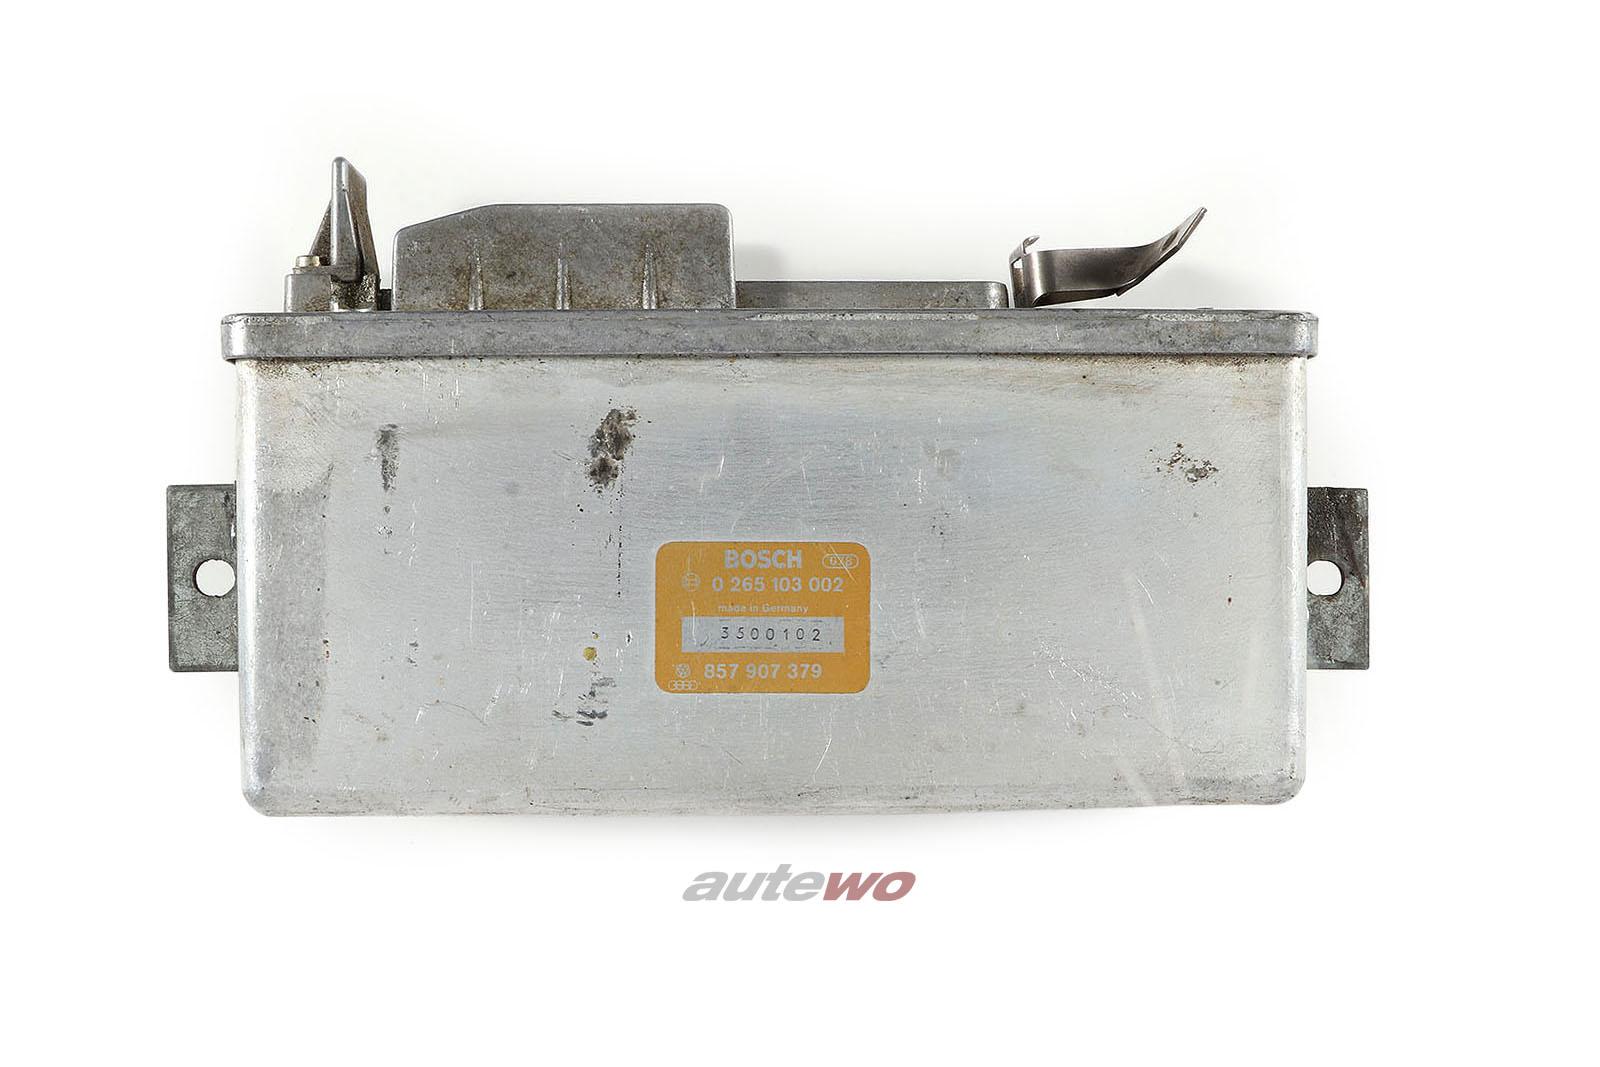 857907379 0265103002 Audi 80/90 Typ 85/Urquattro/200/200 Typ 44 Steuergerät ABS